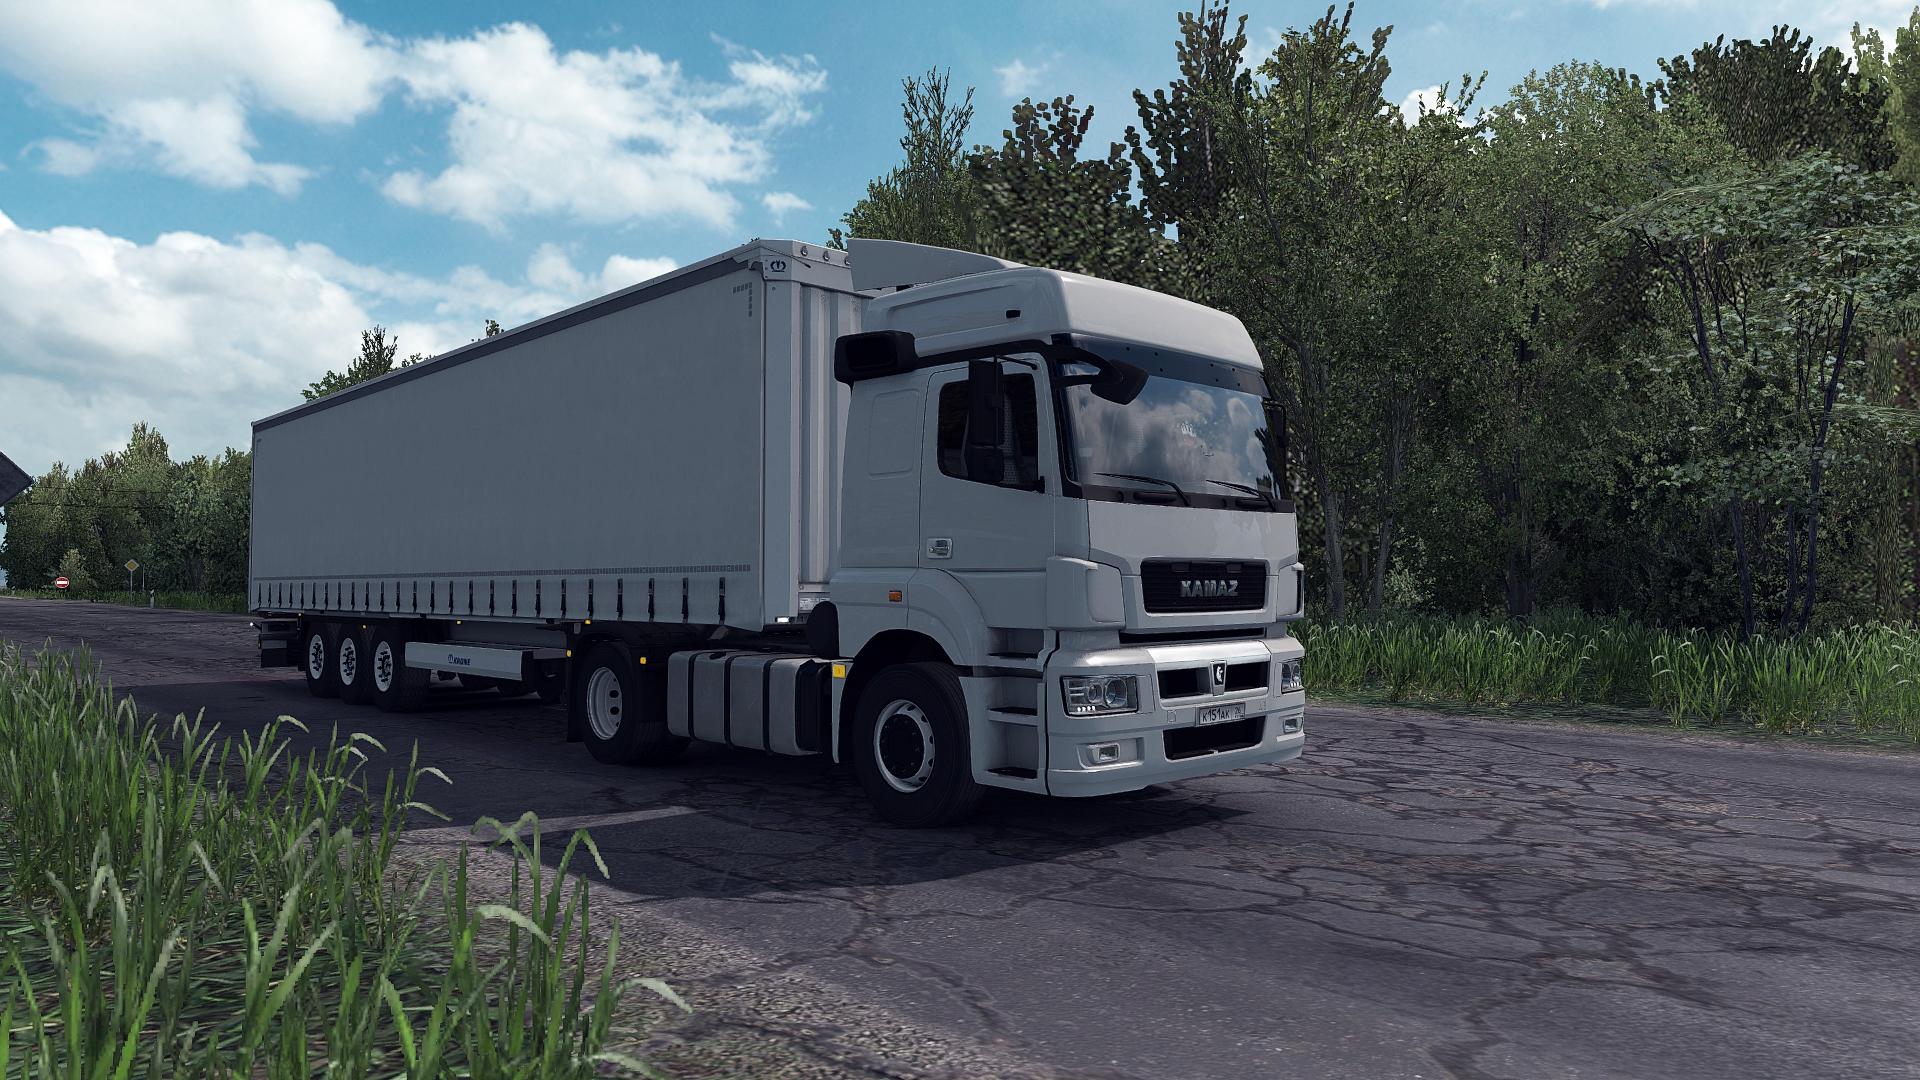 eurotrucks2 2019-01-26 16-54-35.png - Euro Truck Simulator 2